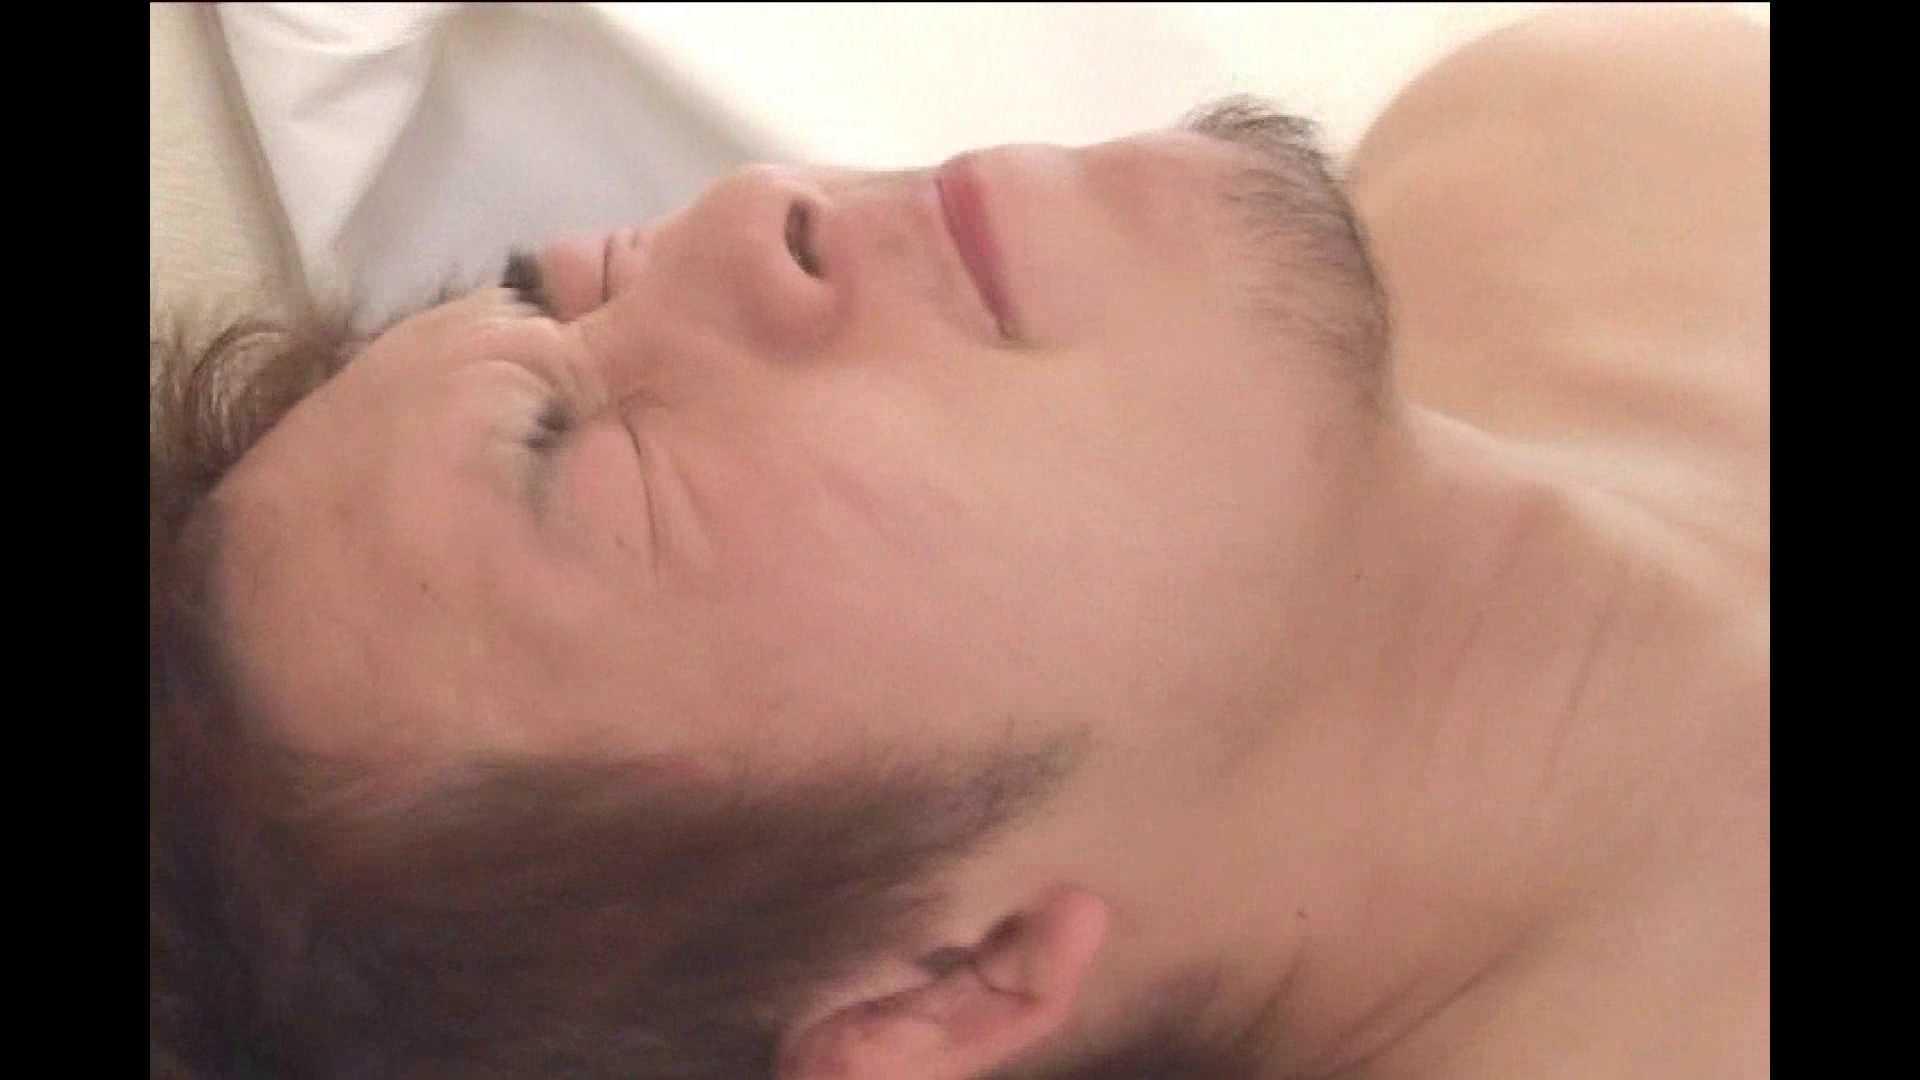 ヤリヤリ野郎共倶楽部vol.21後編 エロエロ動画 | 男・男・男  68枚 11